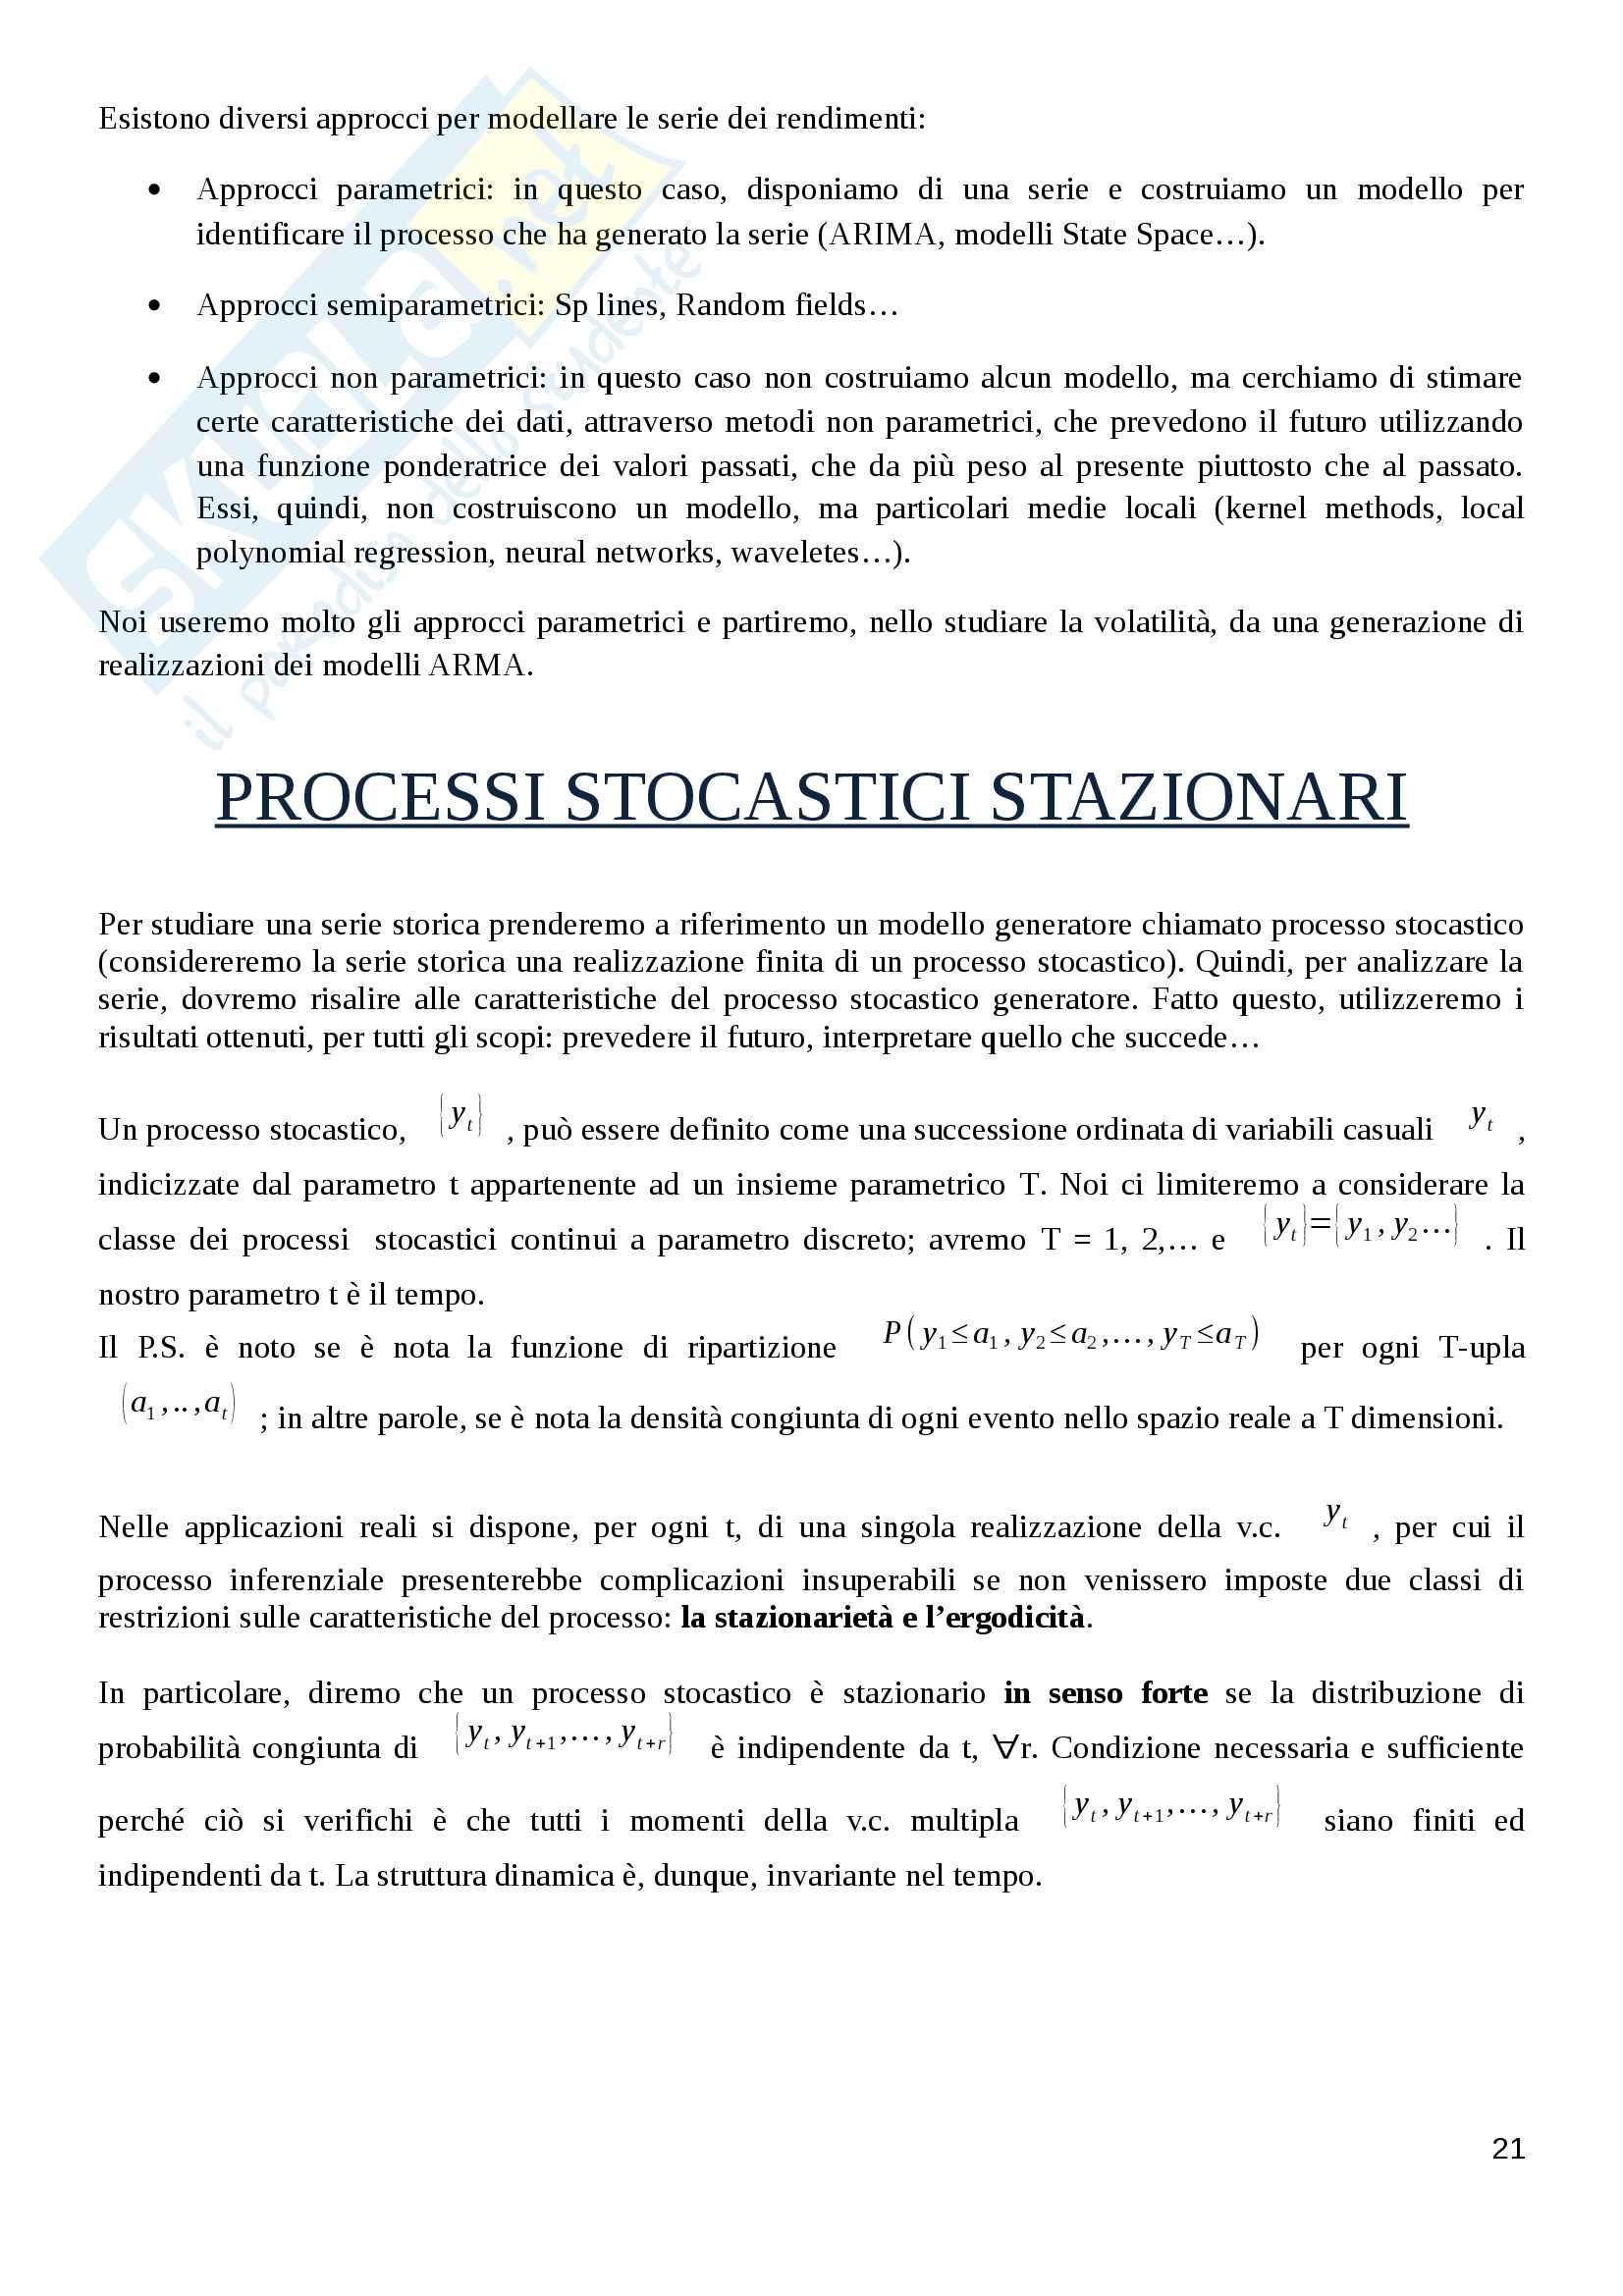 Appunti Finanza Quantitativa Pag. 21